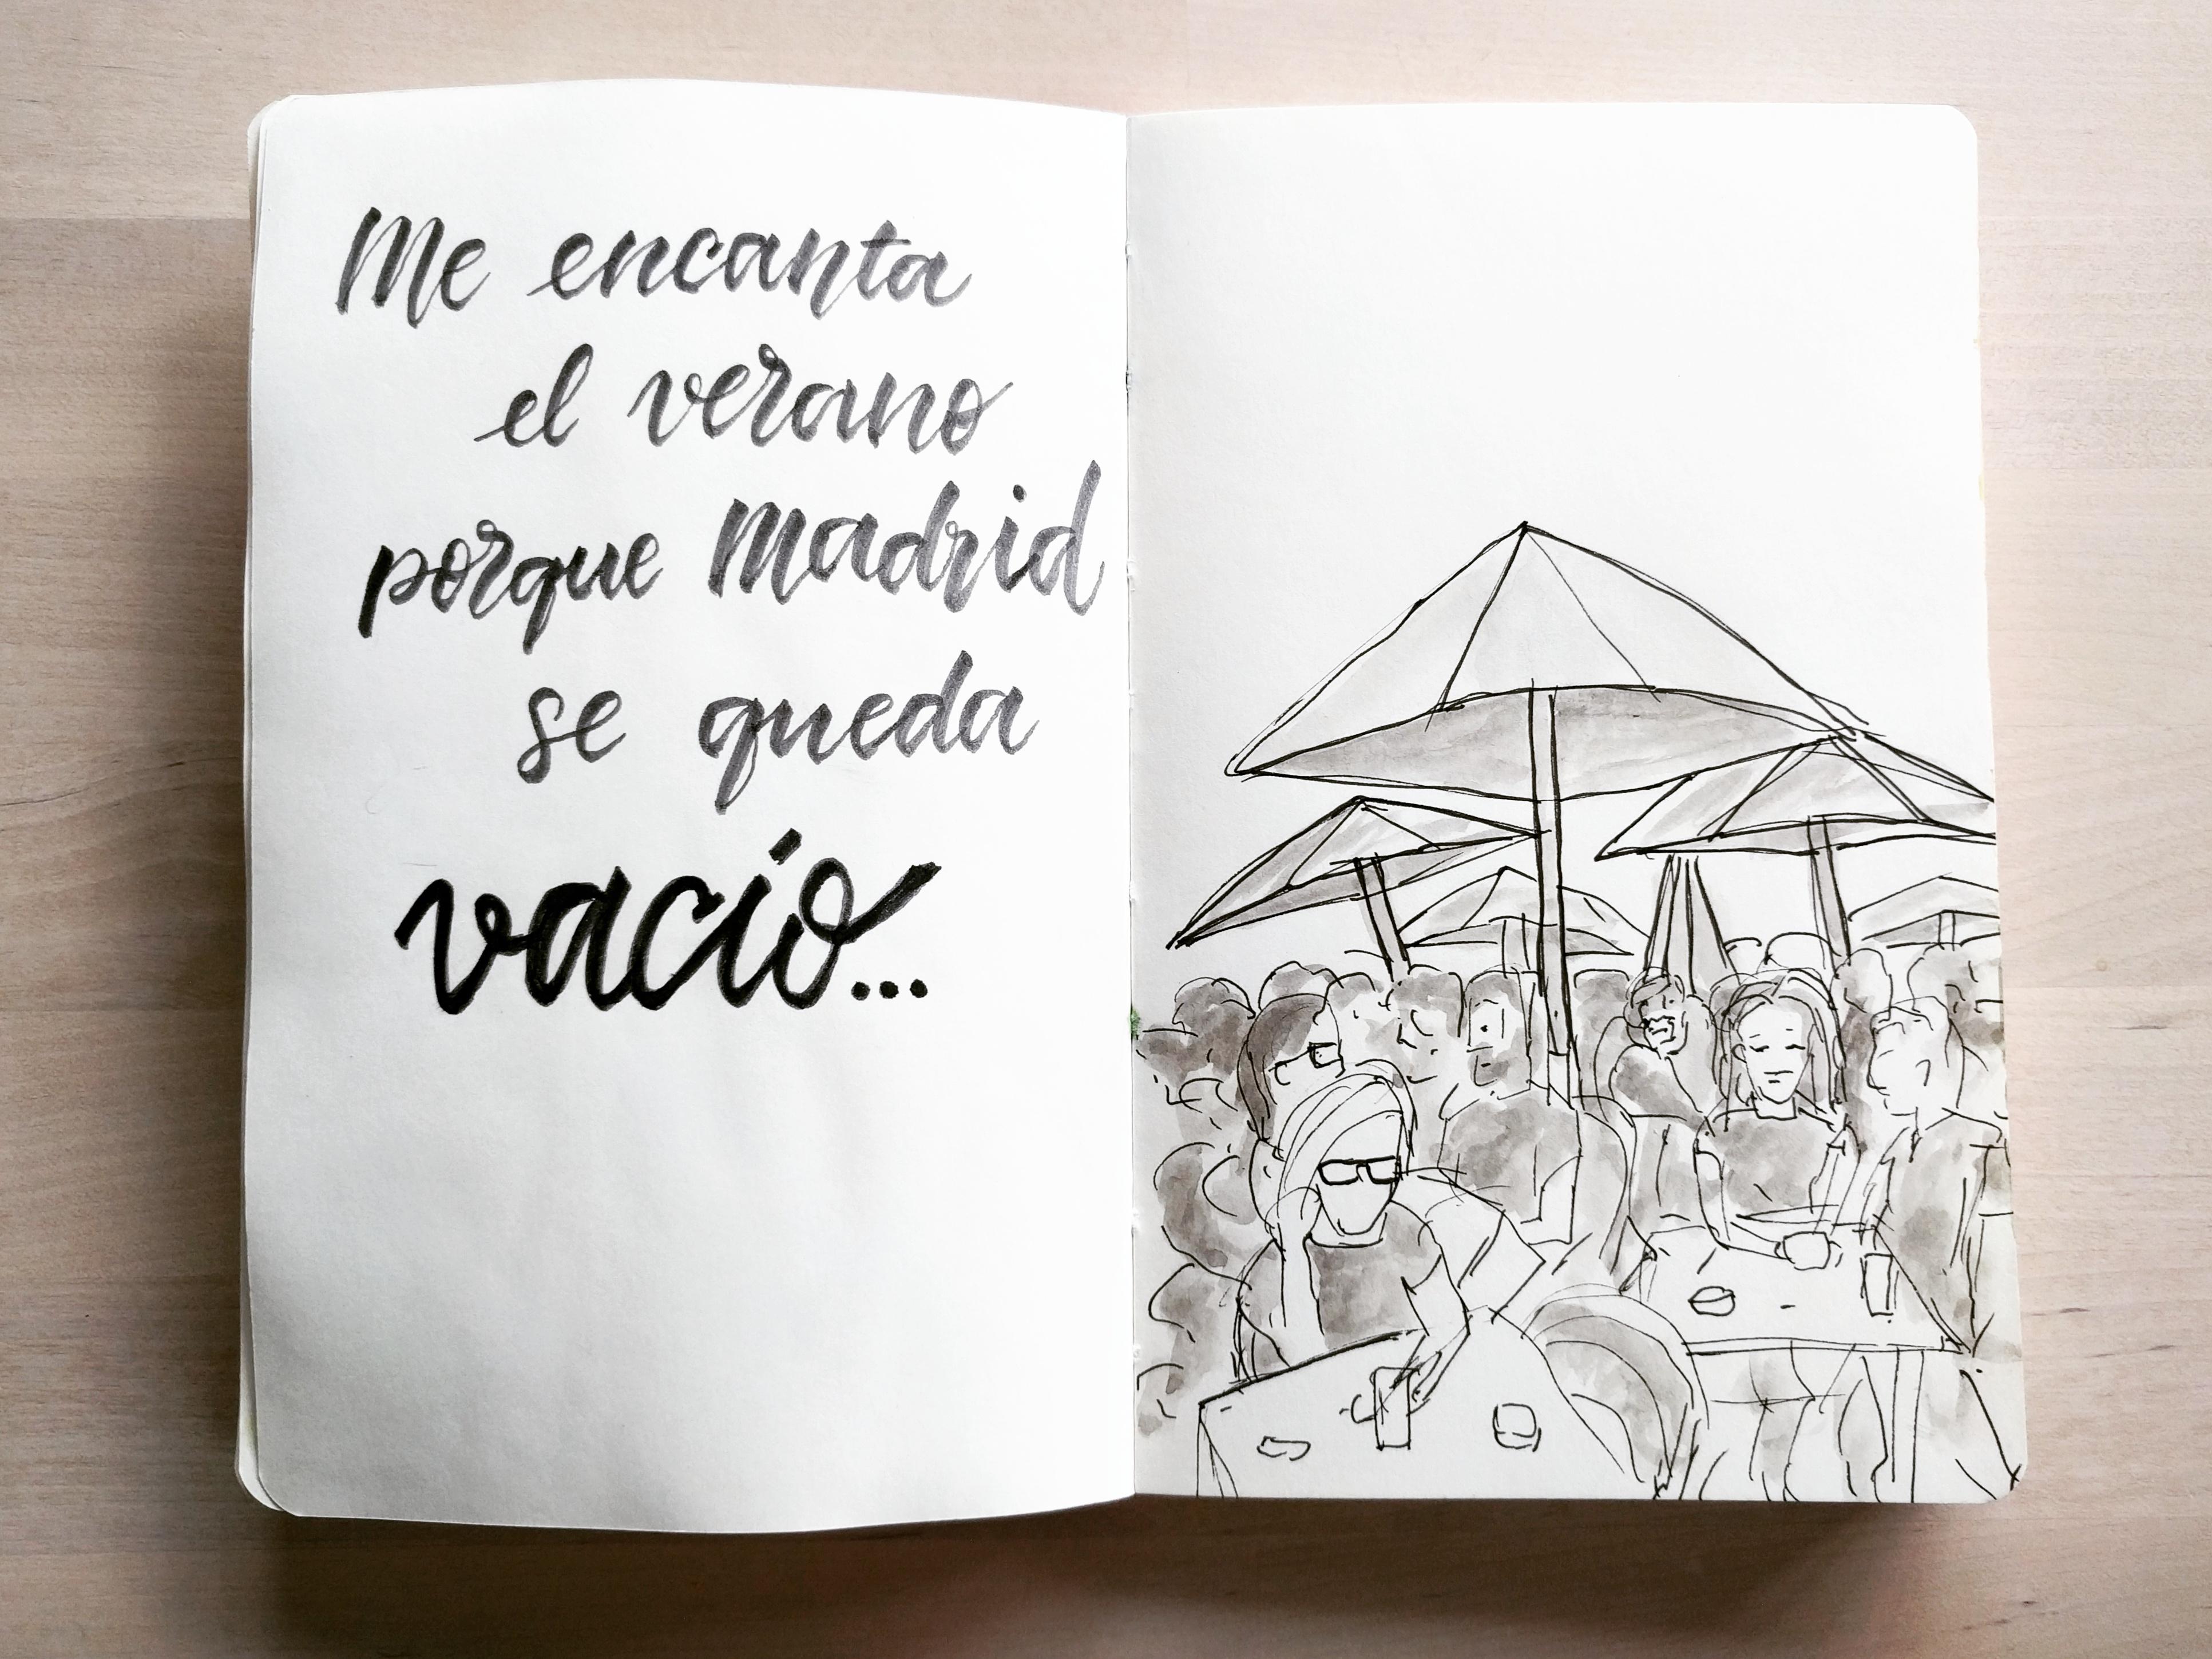 Quick sketch at Plaza de la Paja, Madrid